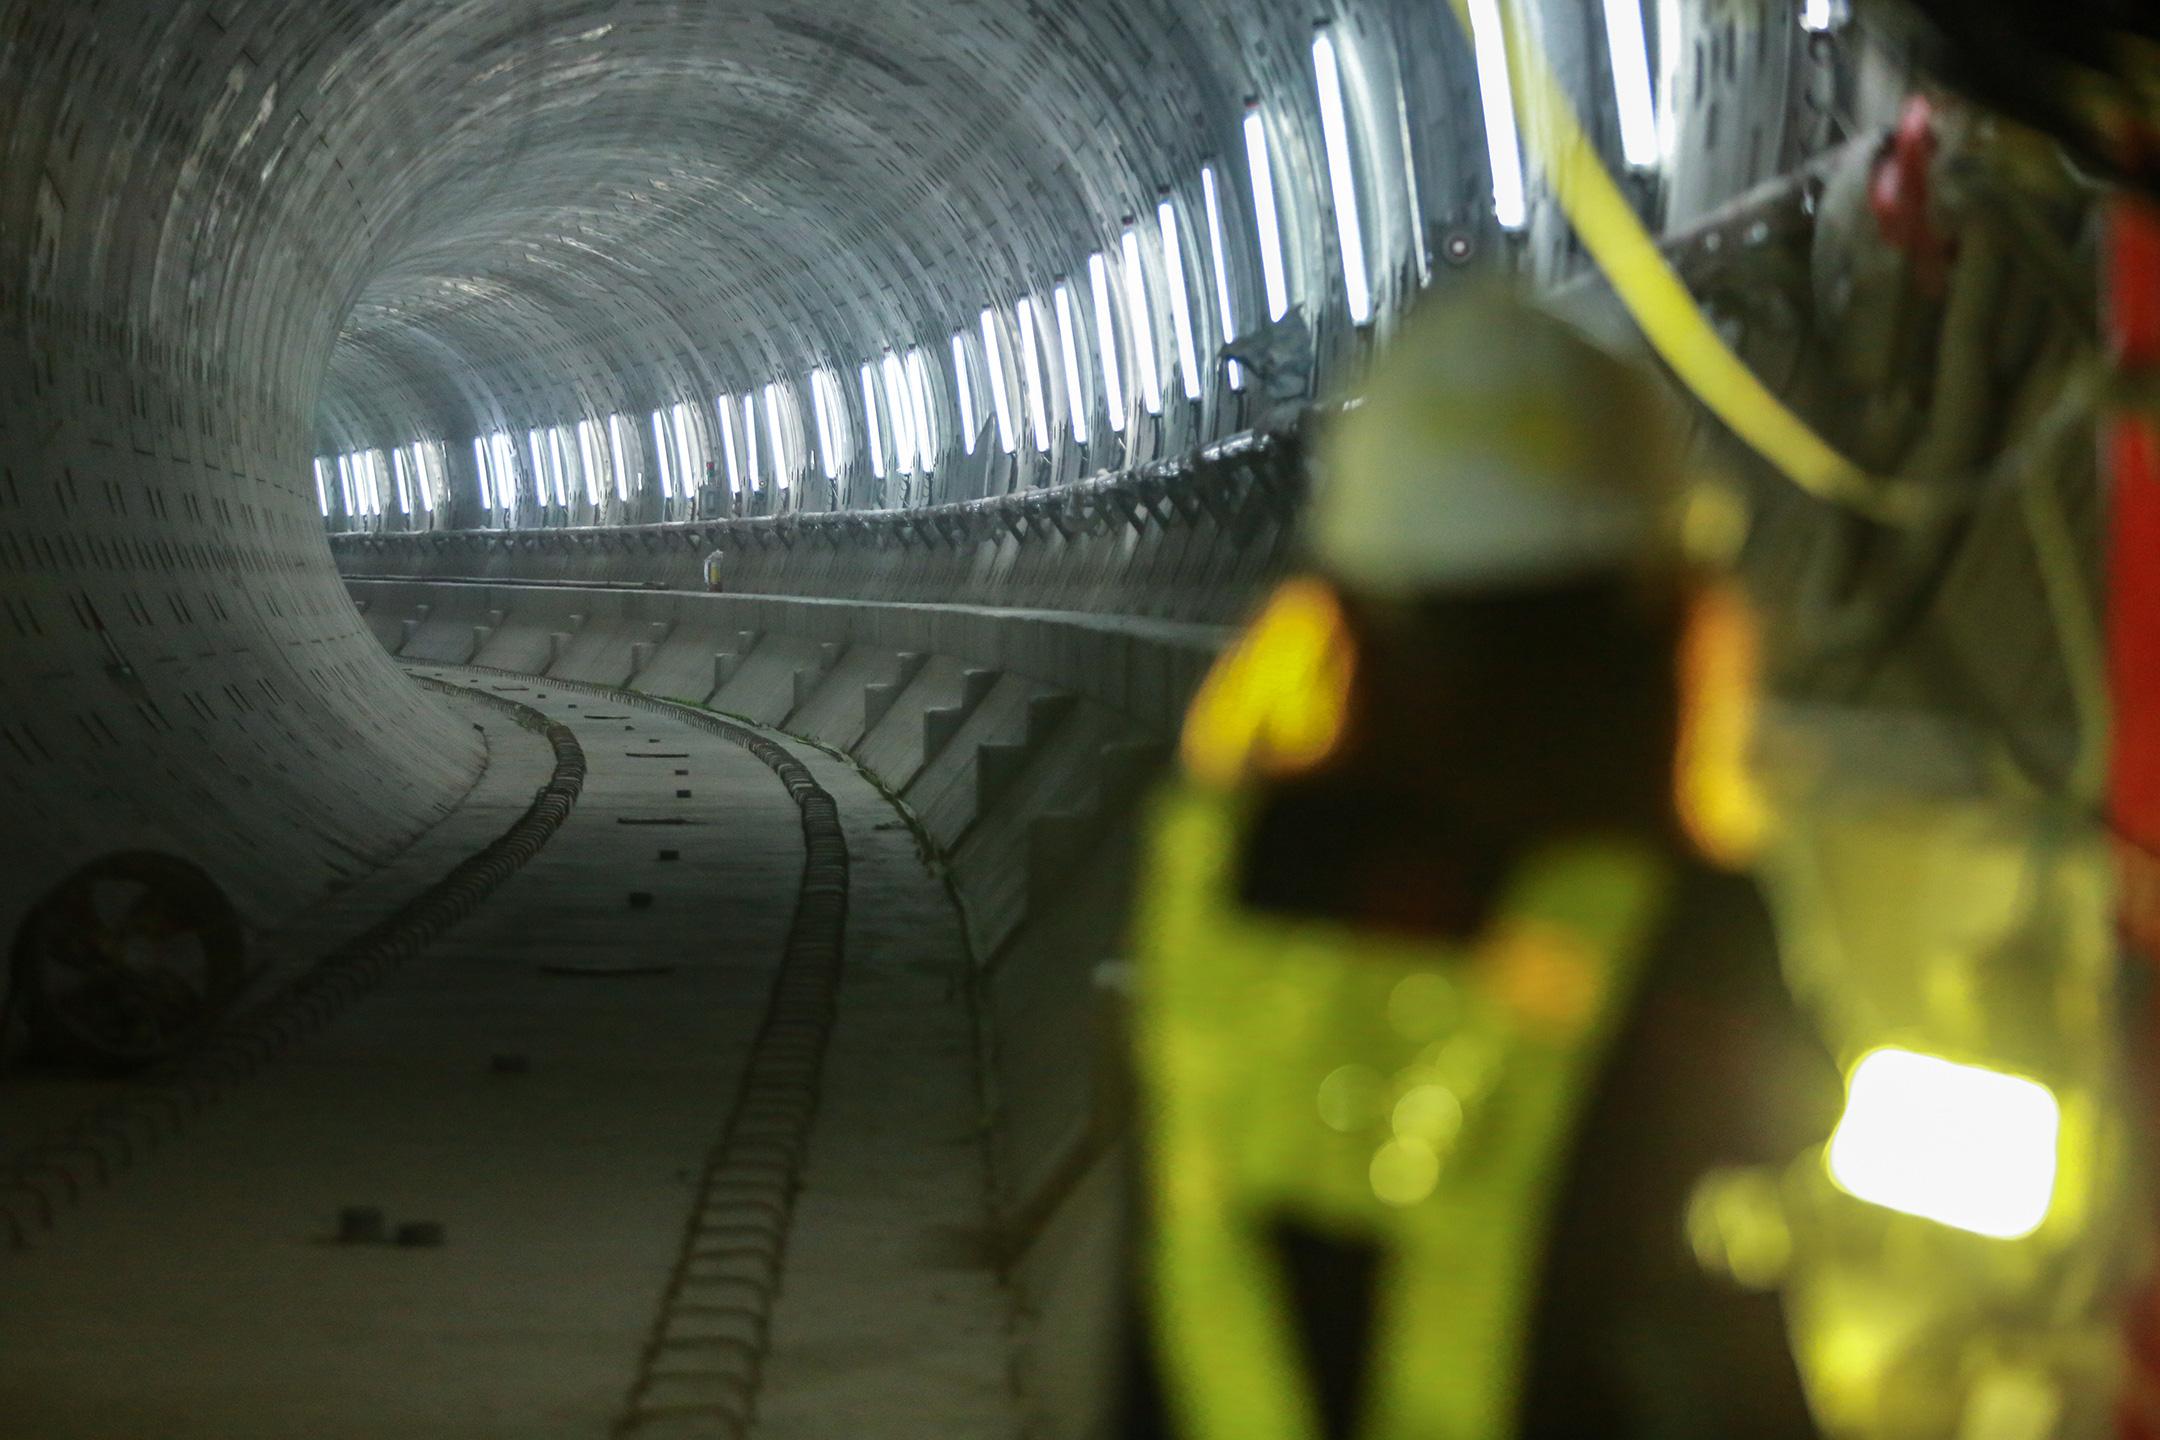 Ga ngầm 4 tầng đầu tiên của Metro TP.HCM sắp hoàn thiện, nằm sát bên Nhà hát thành phố - Ảnh 18.